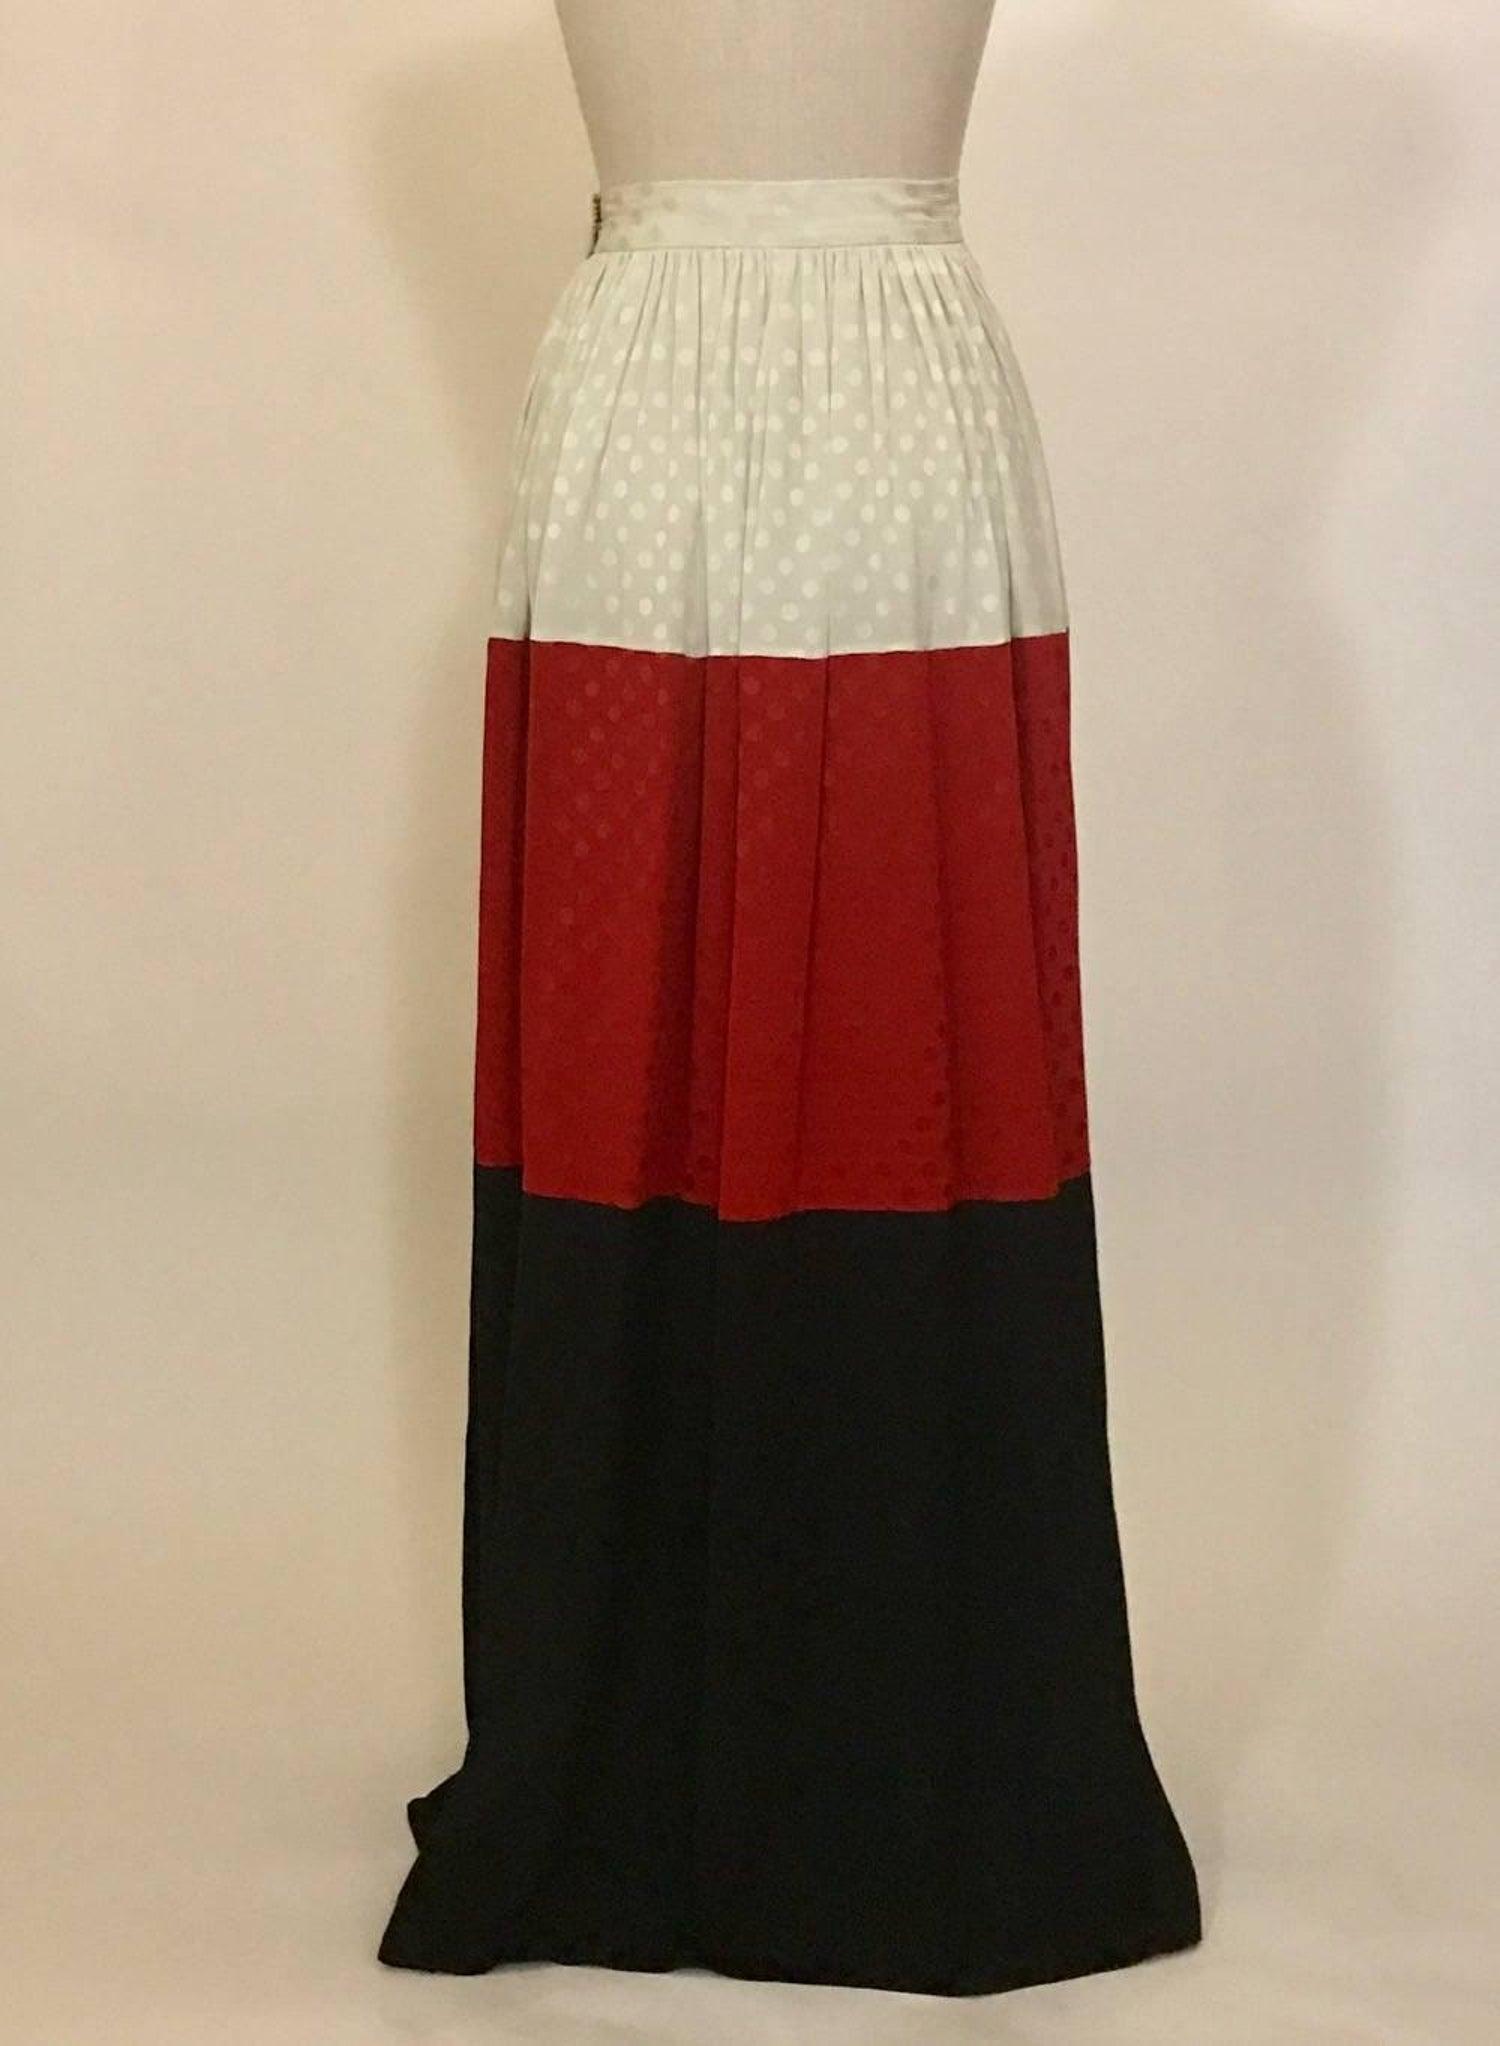 ee7730e11 Michaele Vollbracht Red Black White Silk Color Block Polka dot Maxi Skirt,  1980s For Sale at 1stdibs